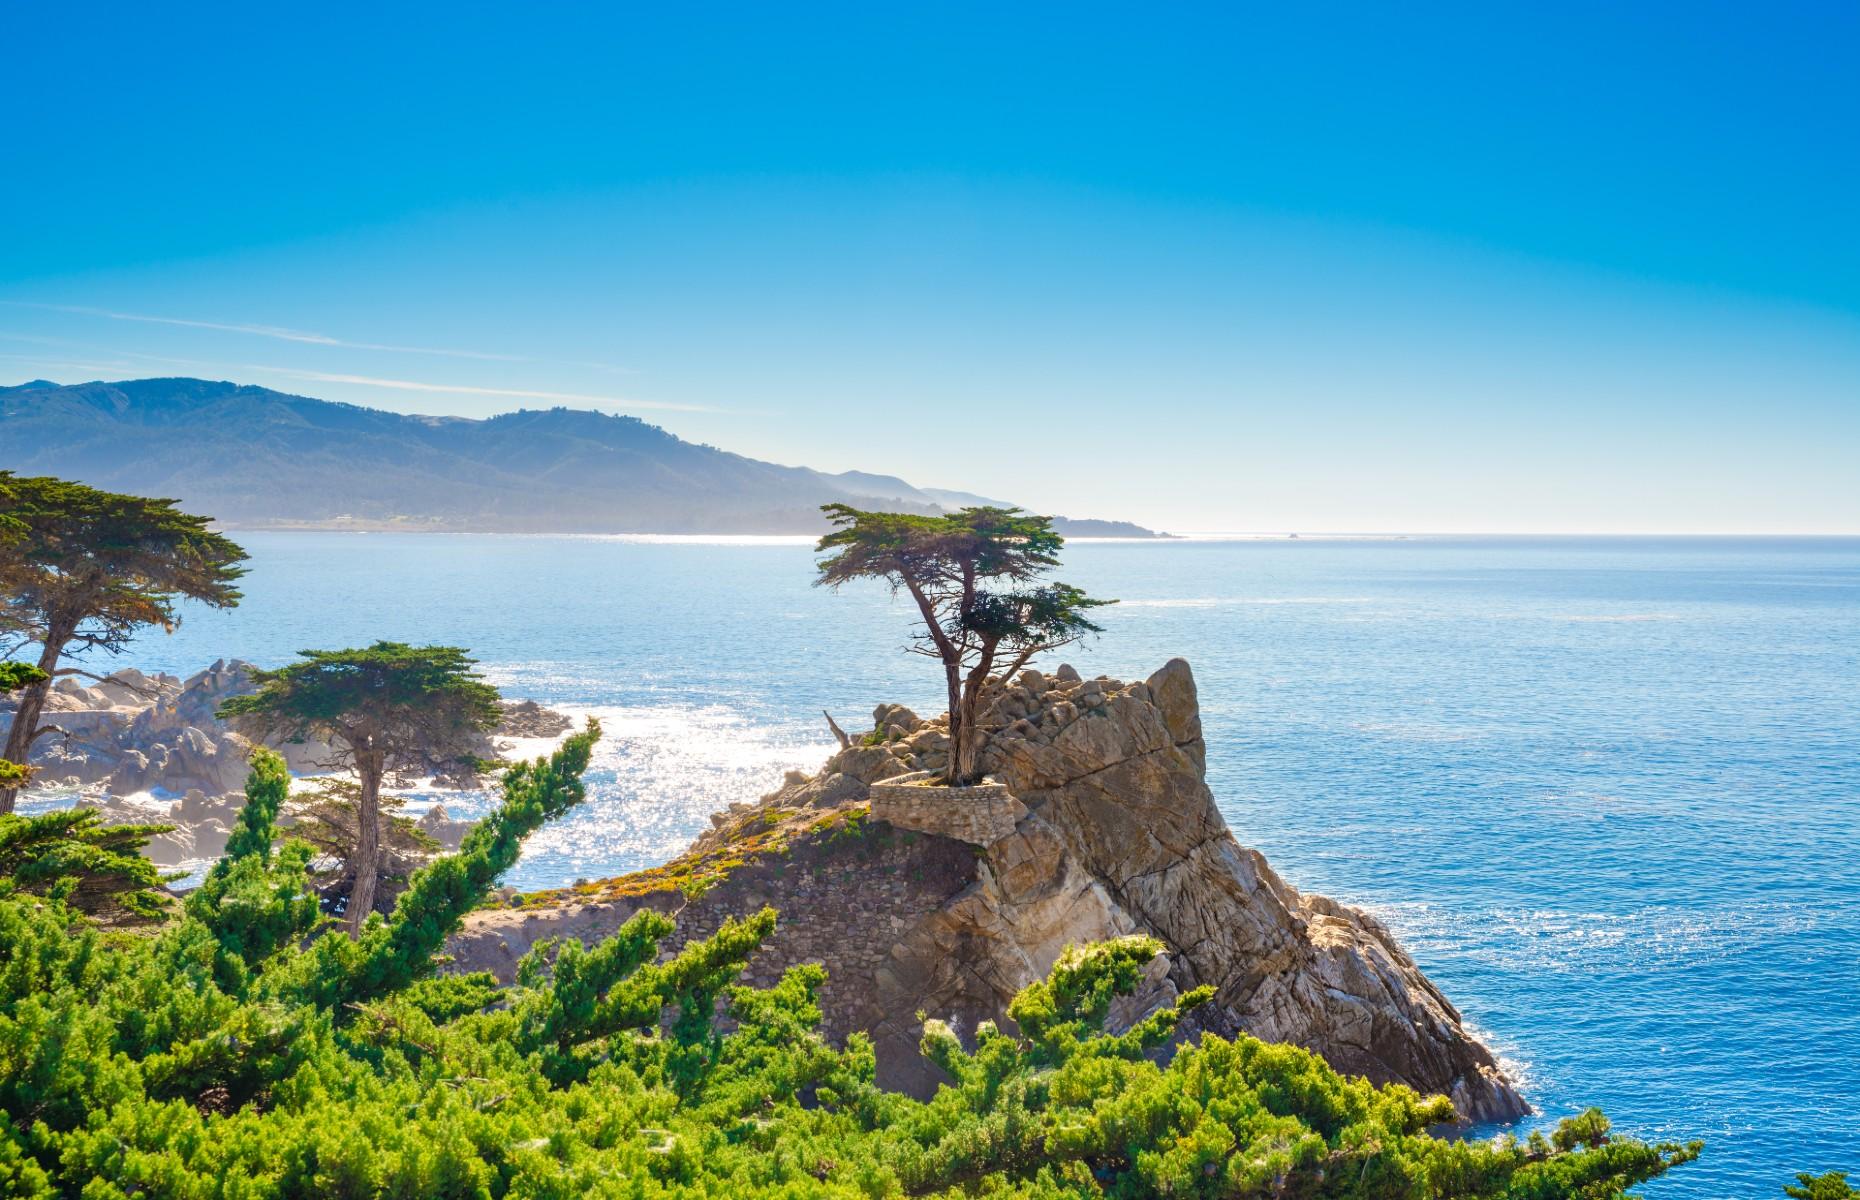 Lone cypress tree in Carmel (Image: Alexander Demyanenko/Shutterstock)